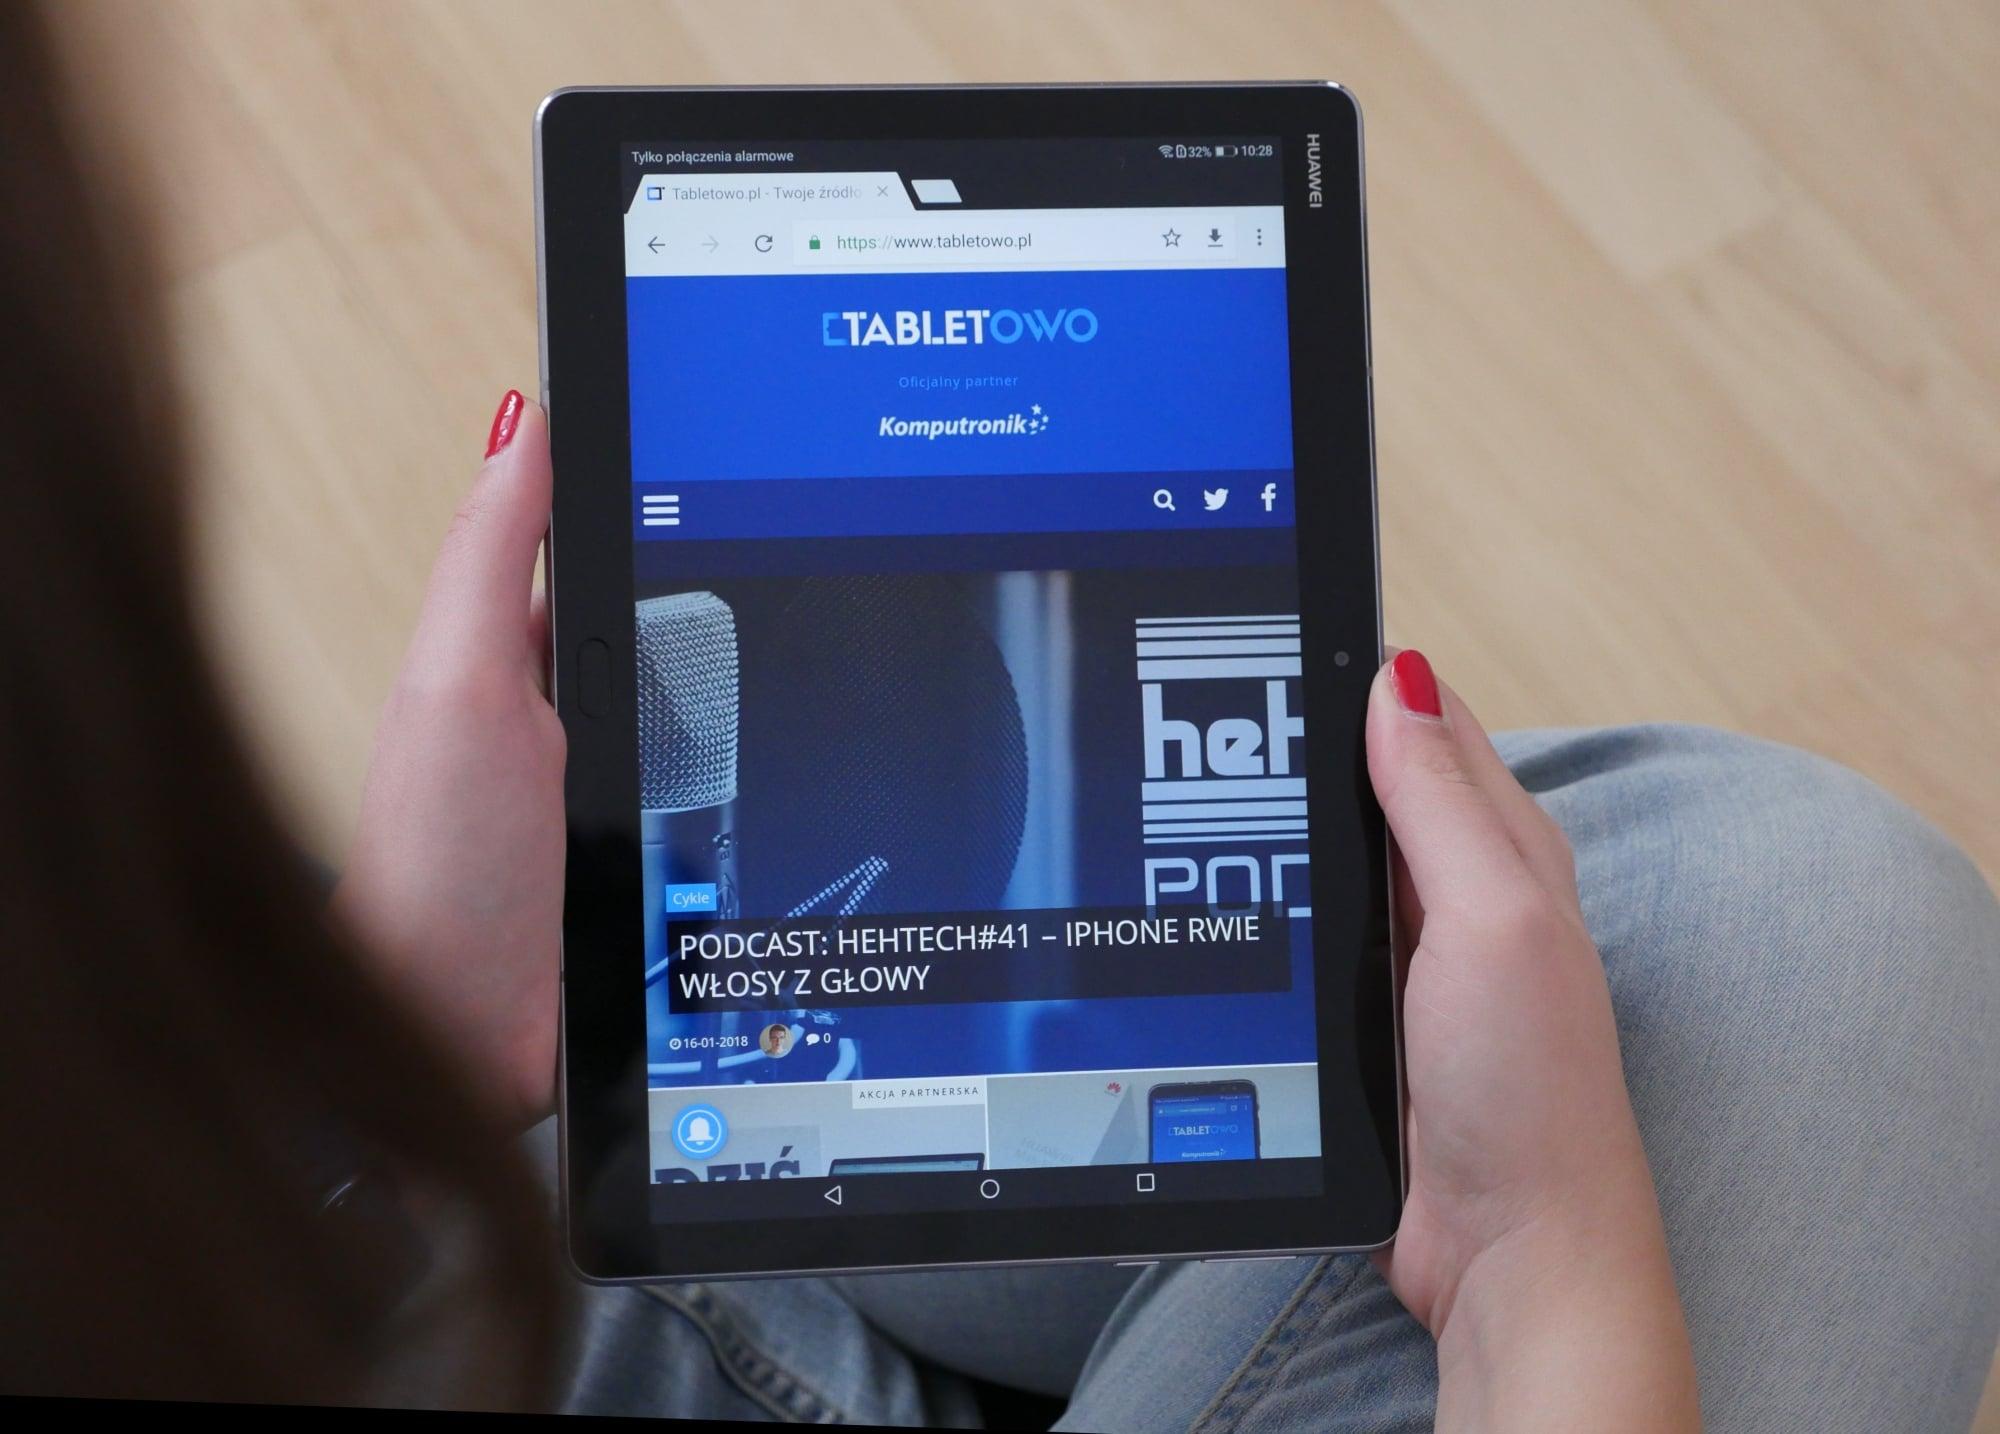 Tabletowo.pl Multimedia na tablecie, czyli MediaPad M3 Lite 10 w swoim naturalnym środowisku Android Huawei Tablety